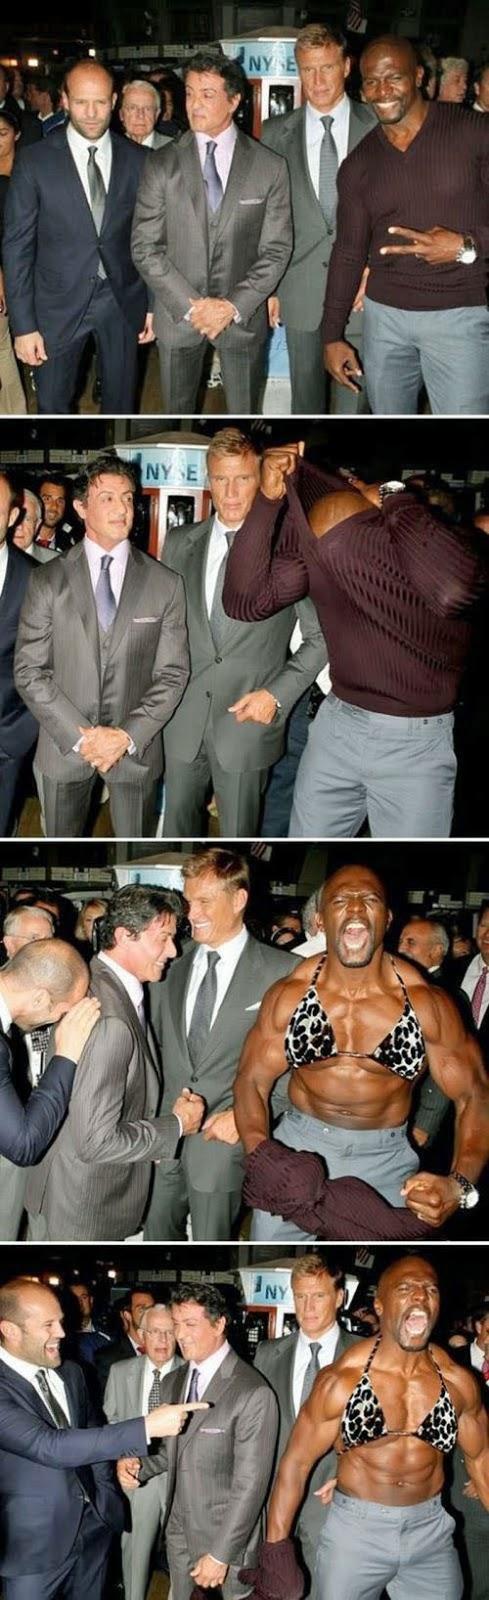 Lustige Prominente Bilder - Muskeln spielen lassen